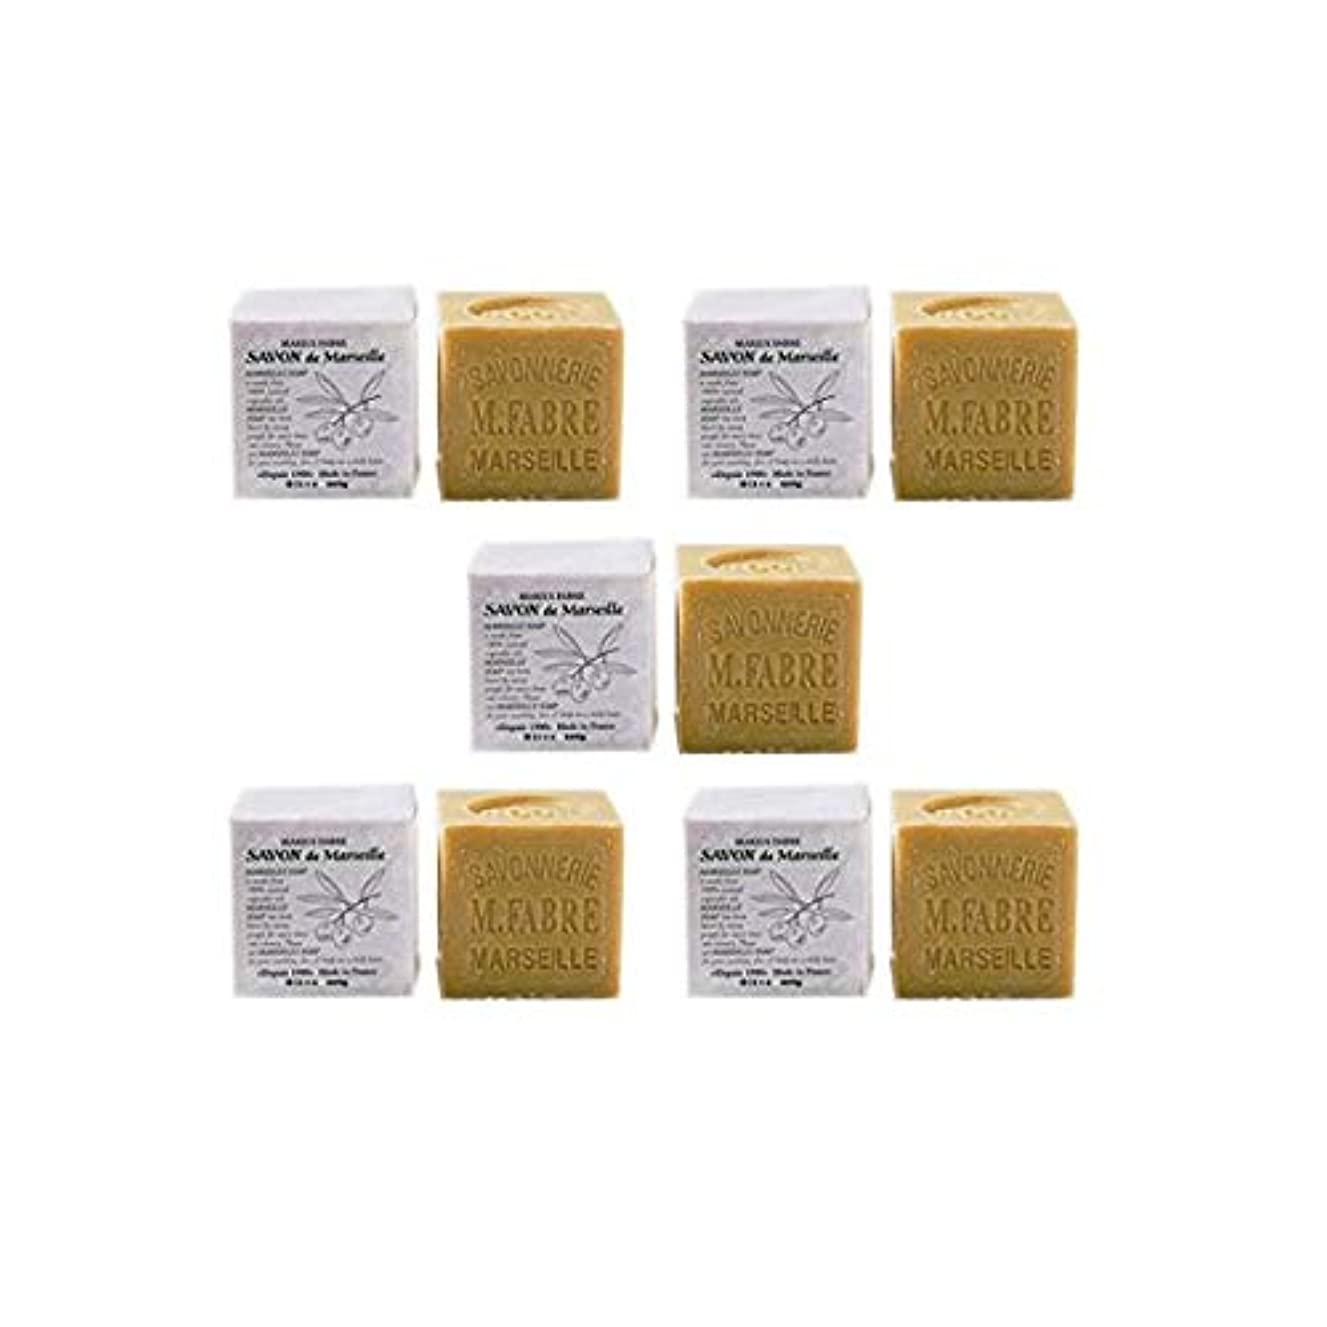 相手消化株式会社マリウスファーブルジューン サボンドマルセイユ無香料200gオリーブN 5個セット(200g×5個)無添加オリーブ石鹸